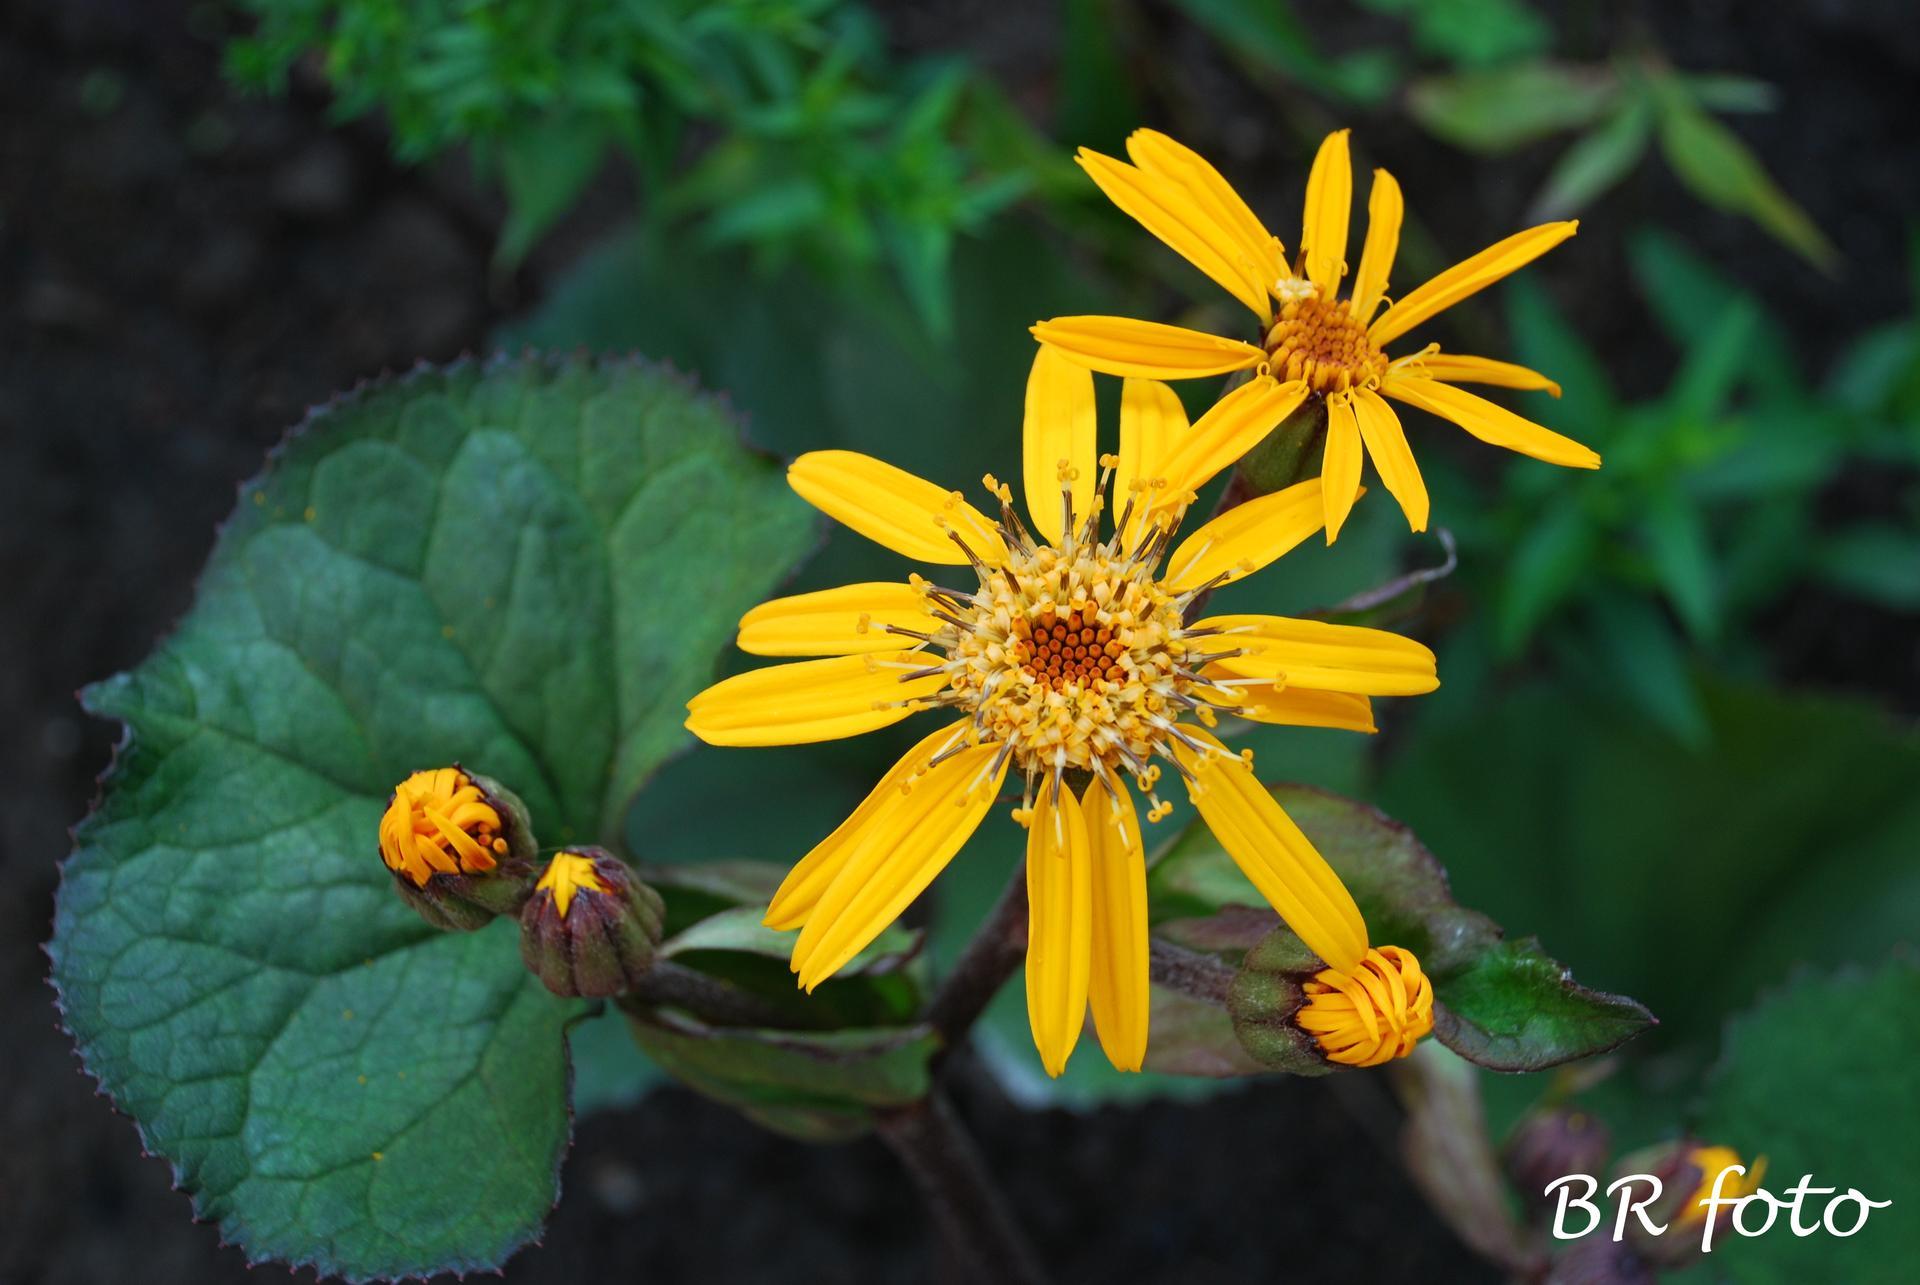 Zahrada v létě - malá hádanka - kdo pojmenuje poměrně málo rozšířenou trvalku? kdo ji má na zahradě? já teprve od letoška....